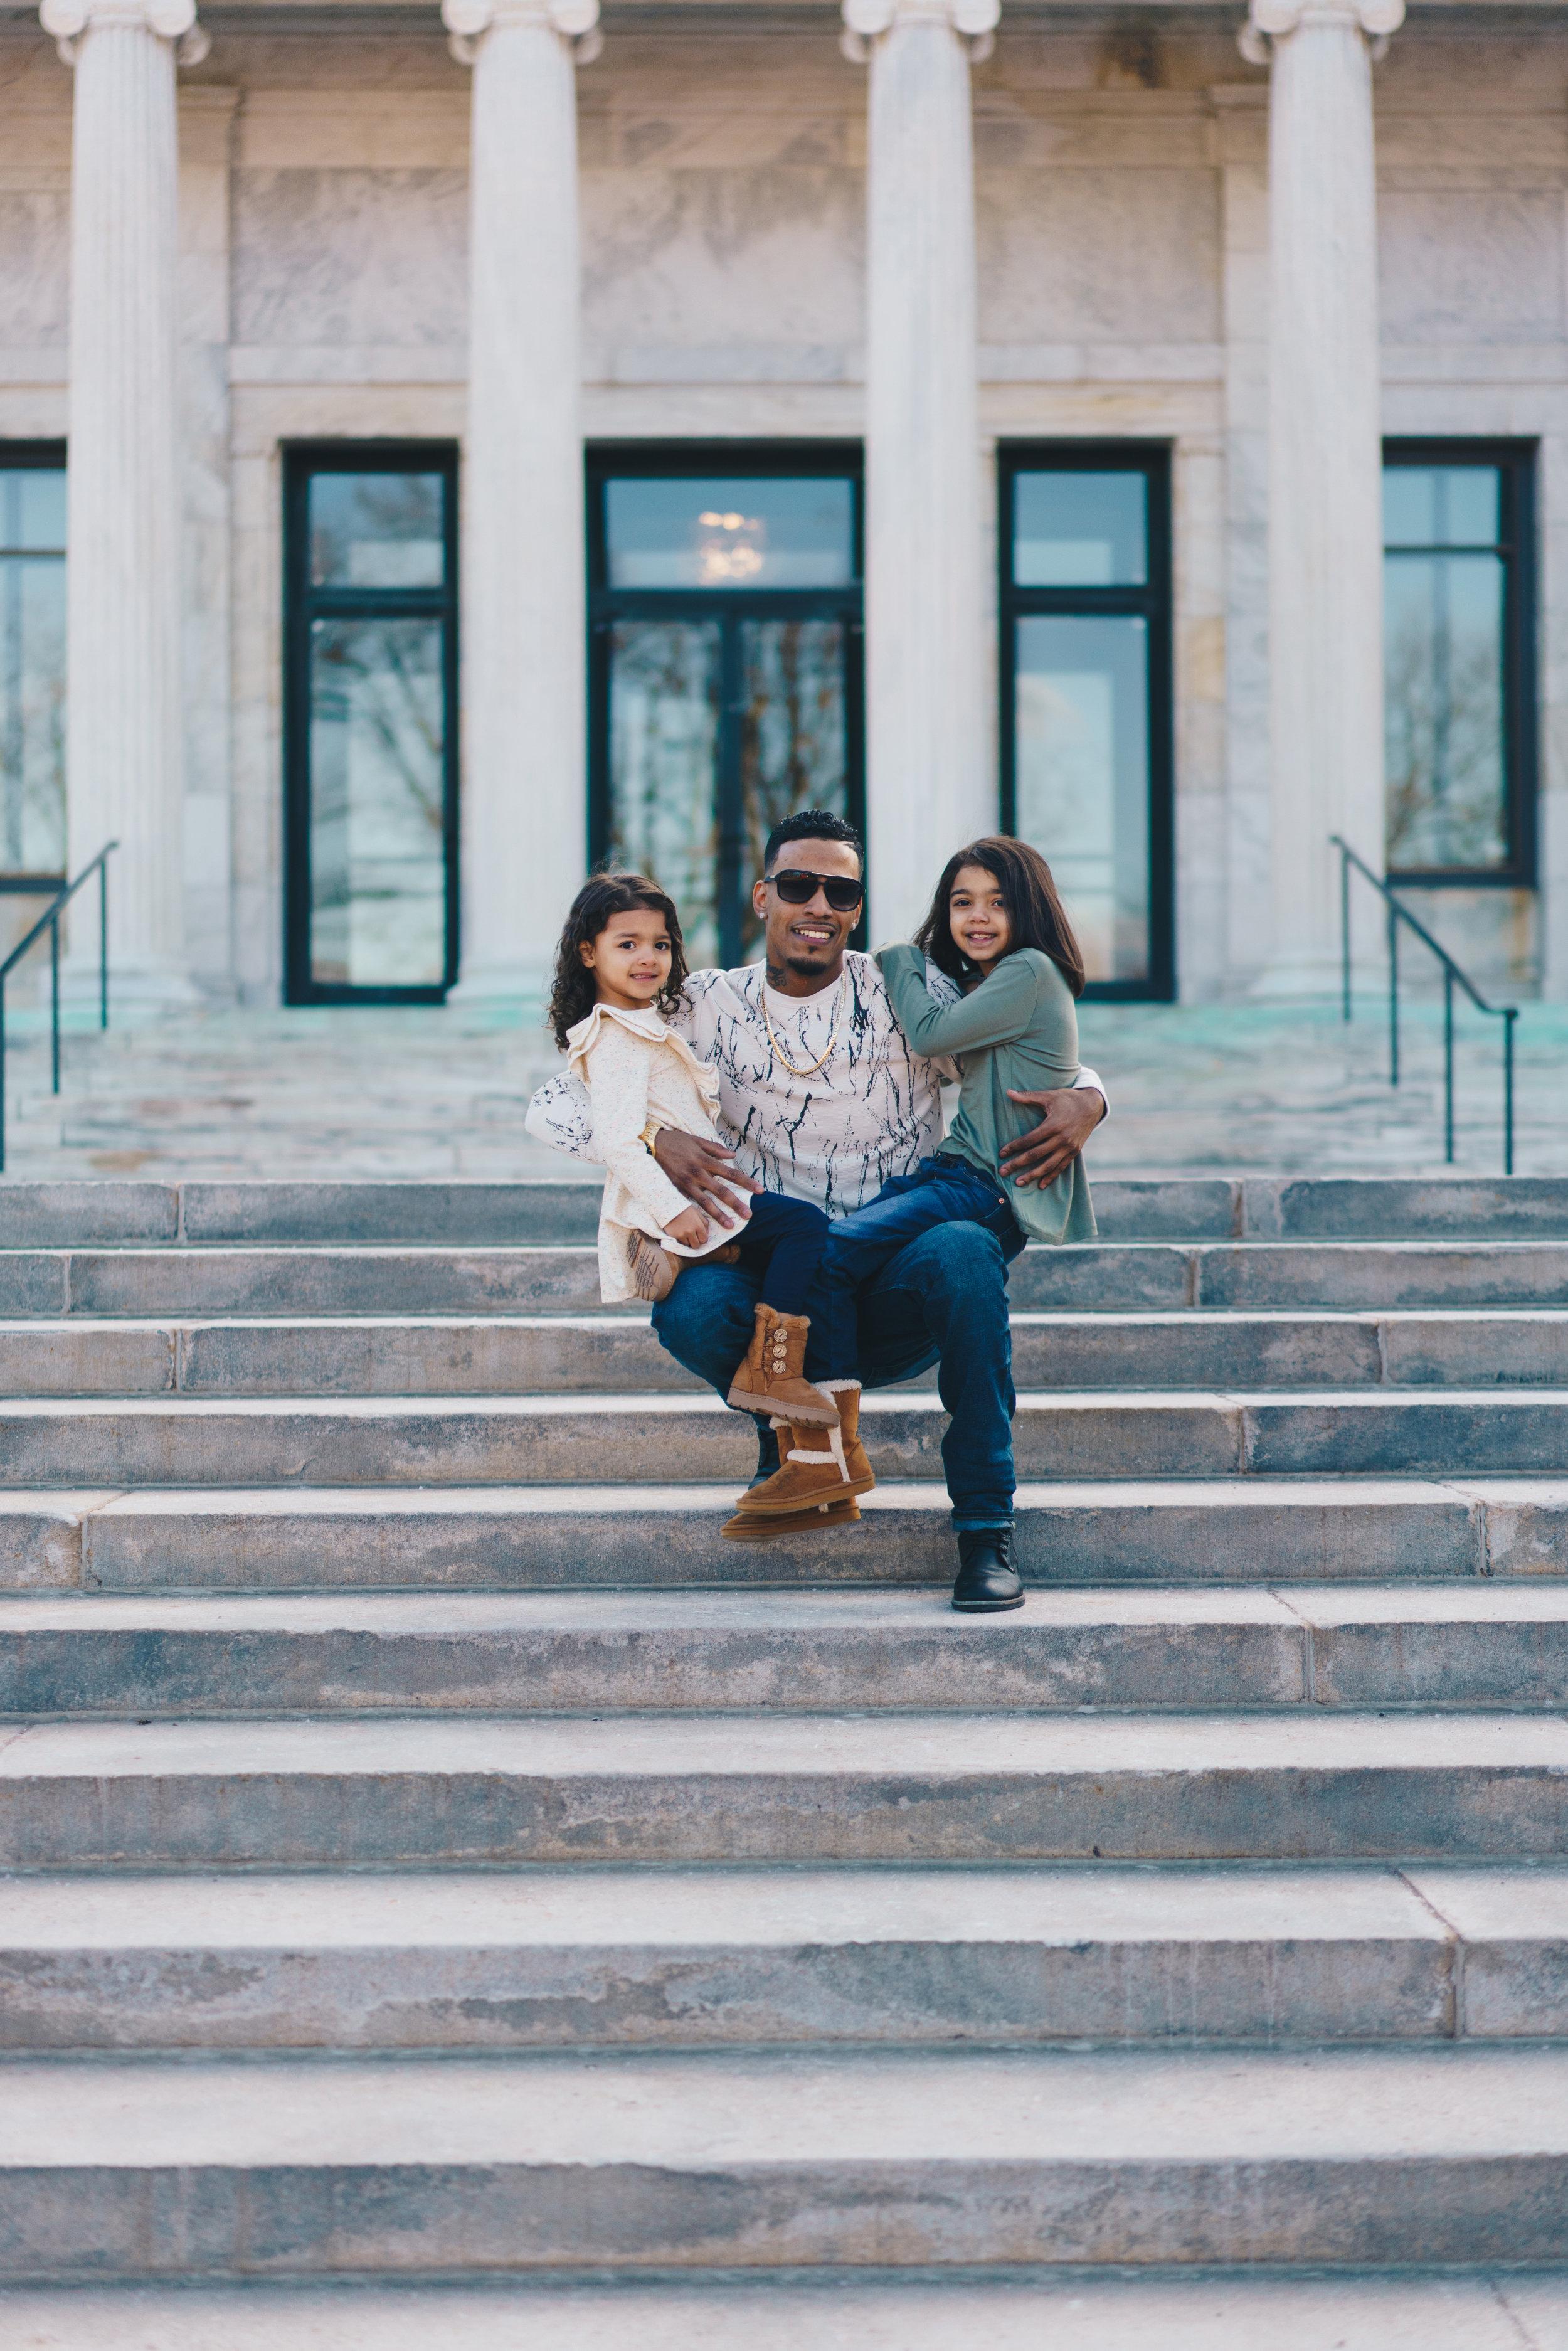 Brooke & Family_2018.03.10-176BP.jpg